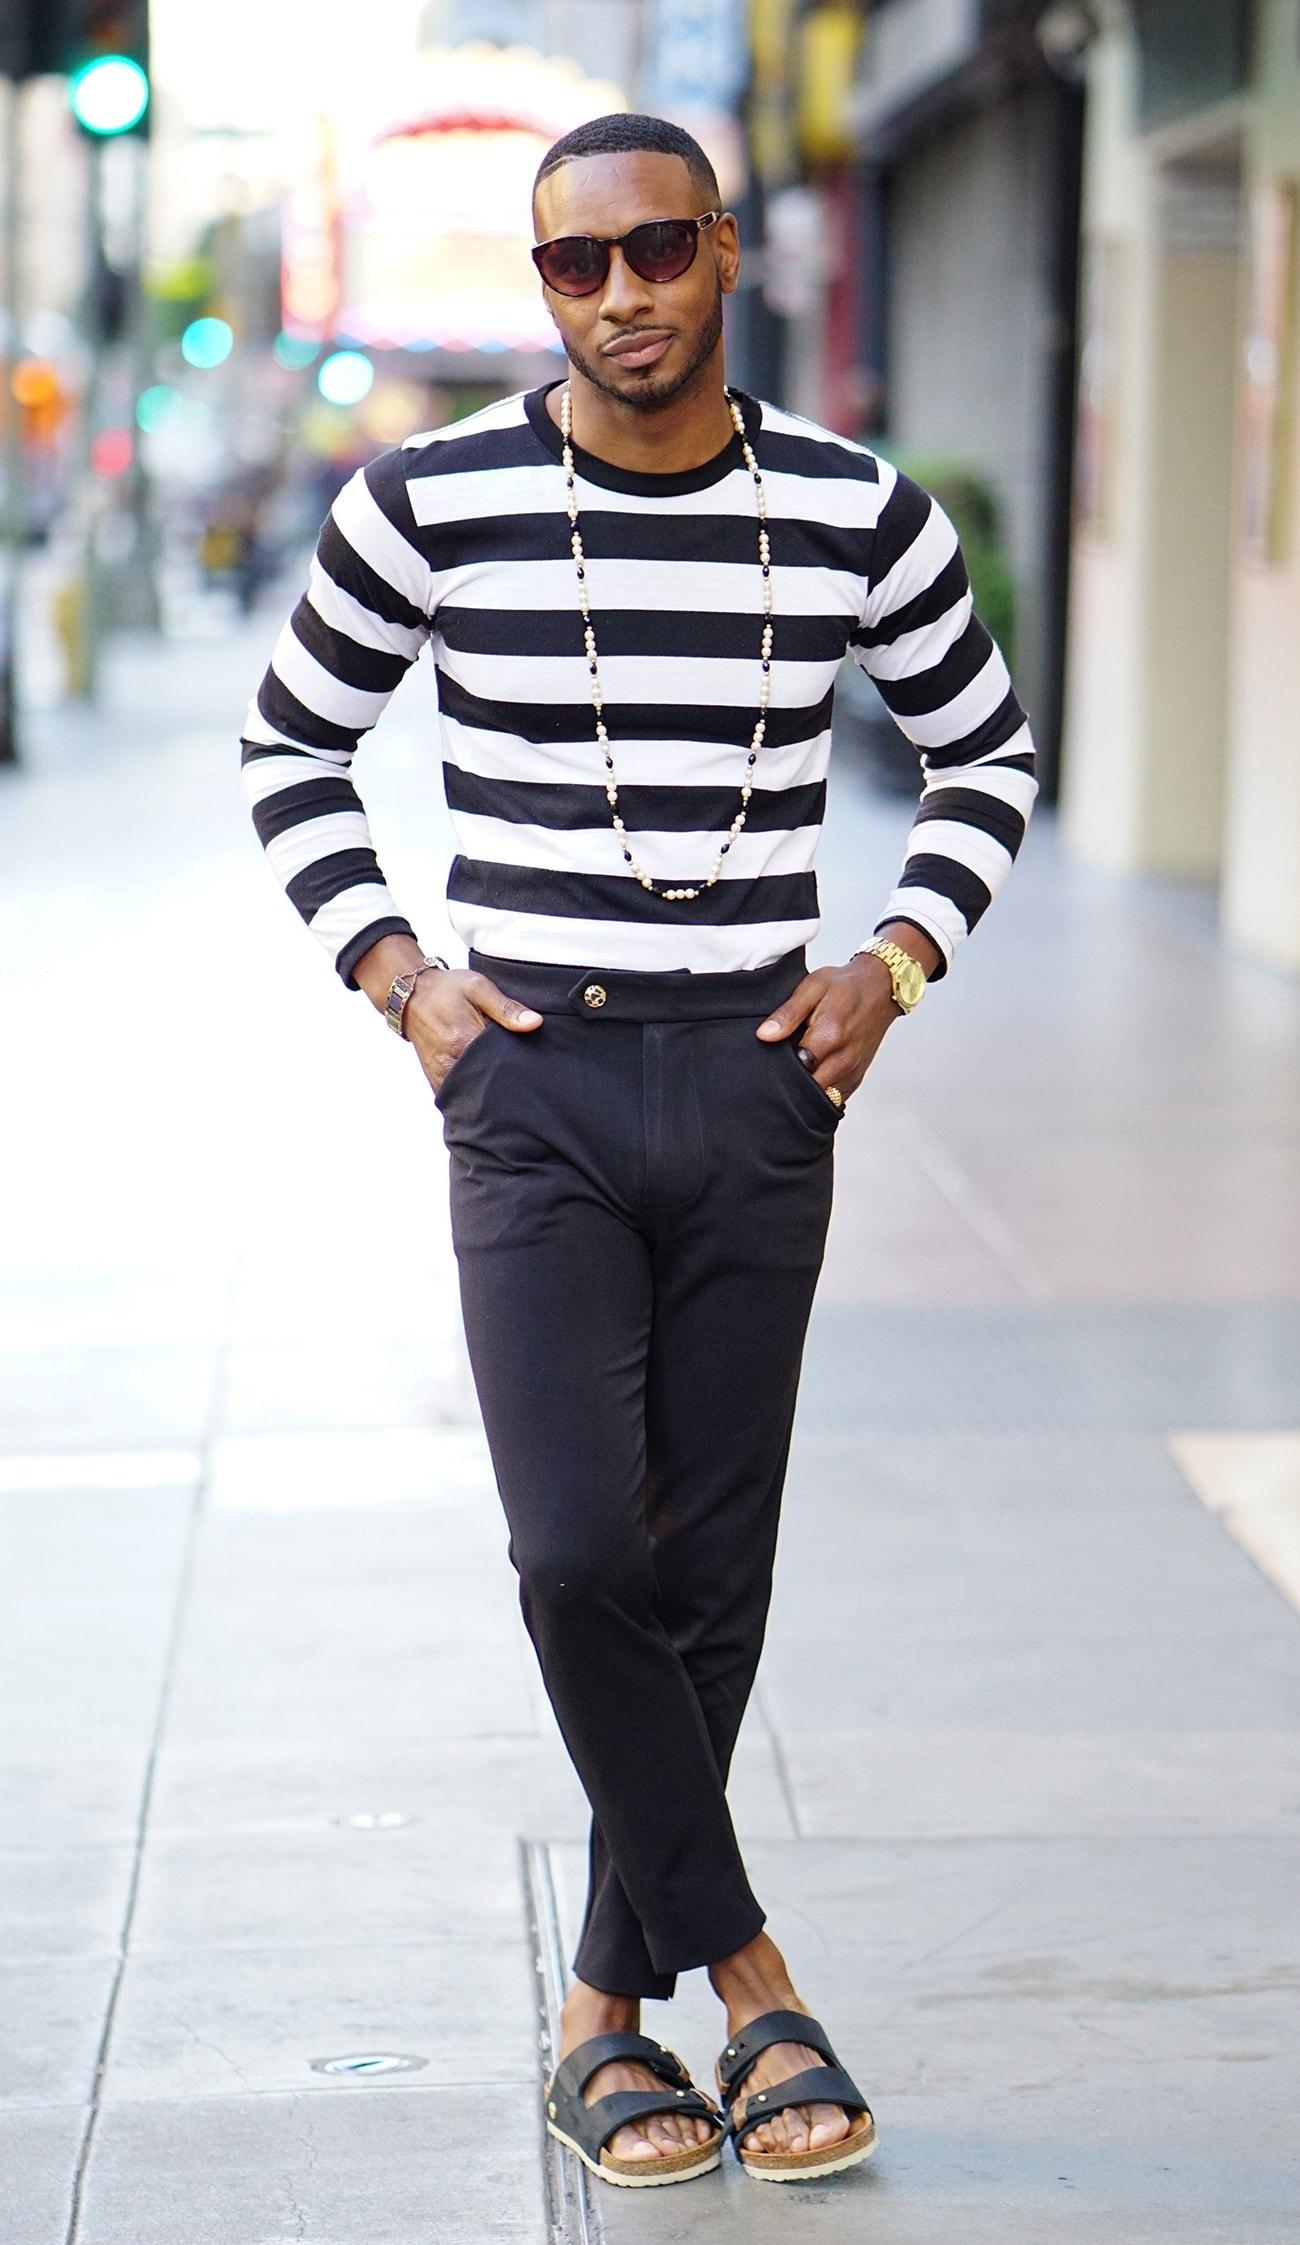 7 Things You Should Never Wear on a Date, men's birkenstocks, striped sweater, dark pants, birkenstocks